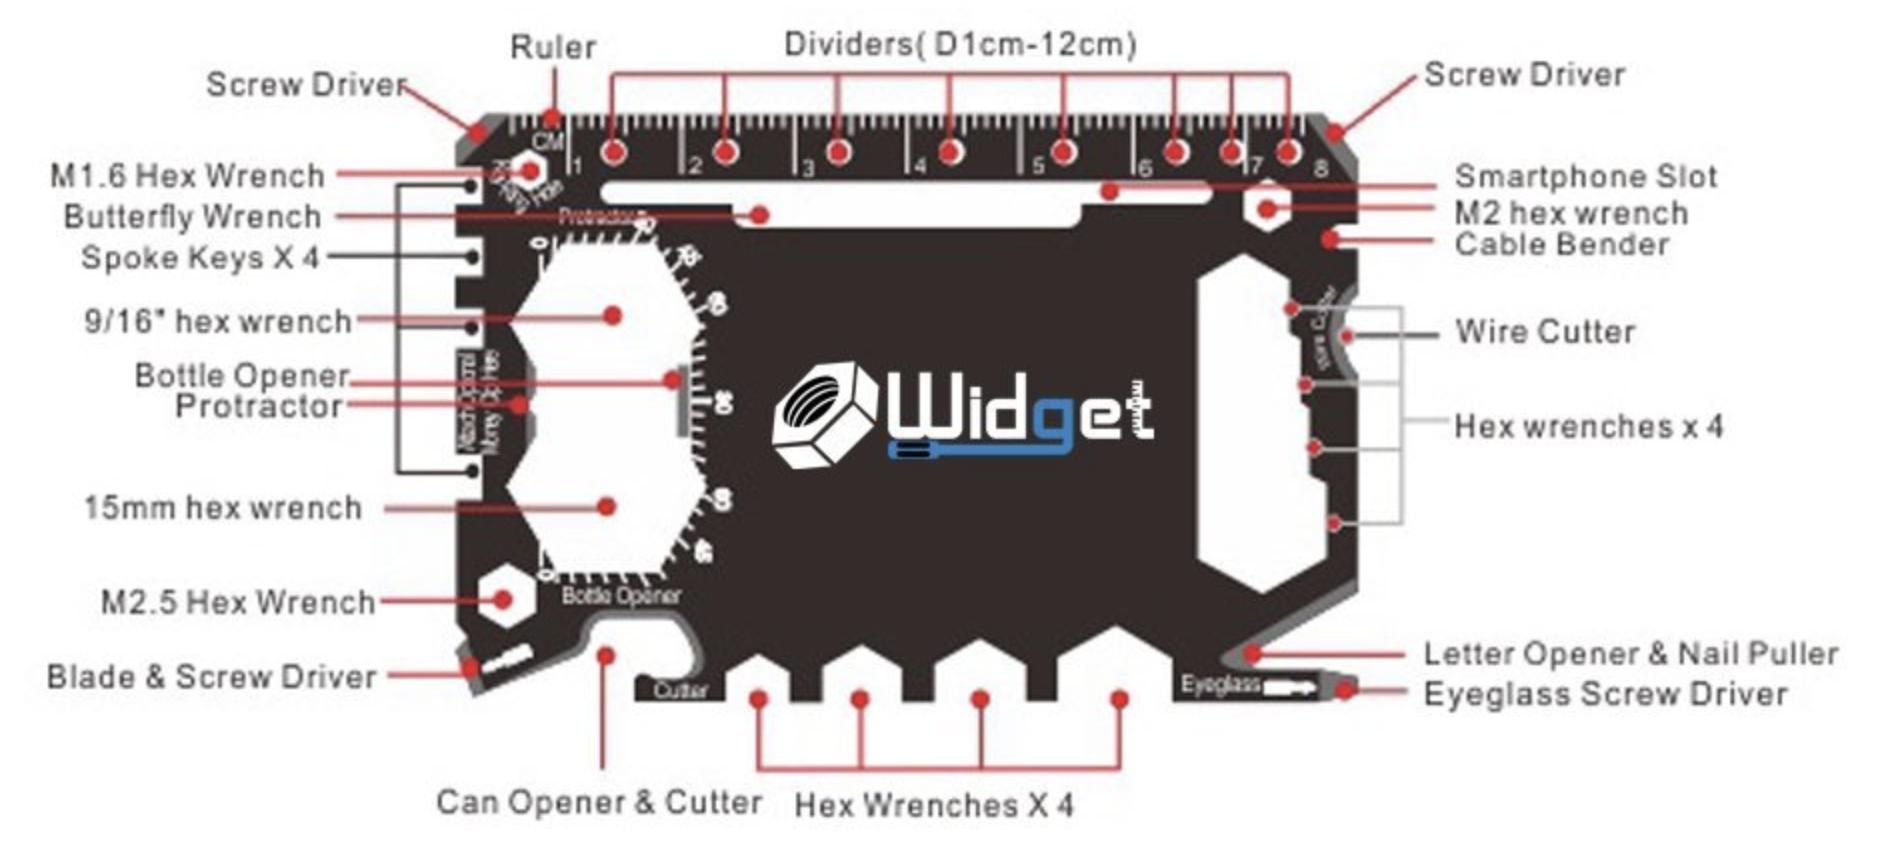 Widget 43-in-1 multi-purpose survival tool